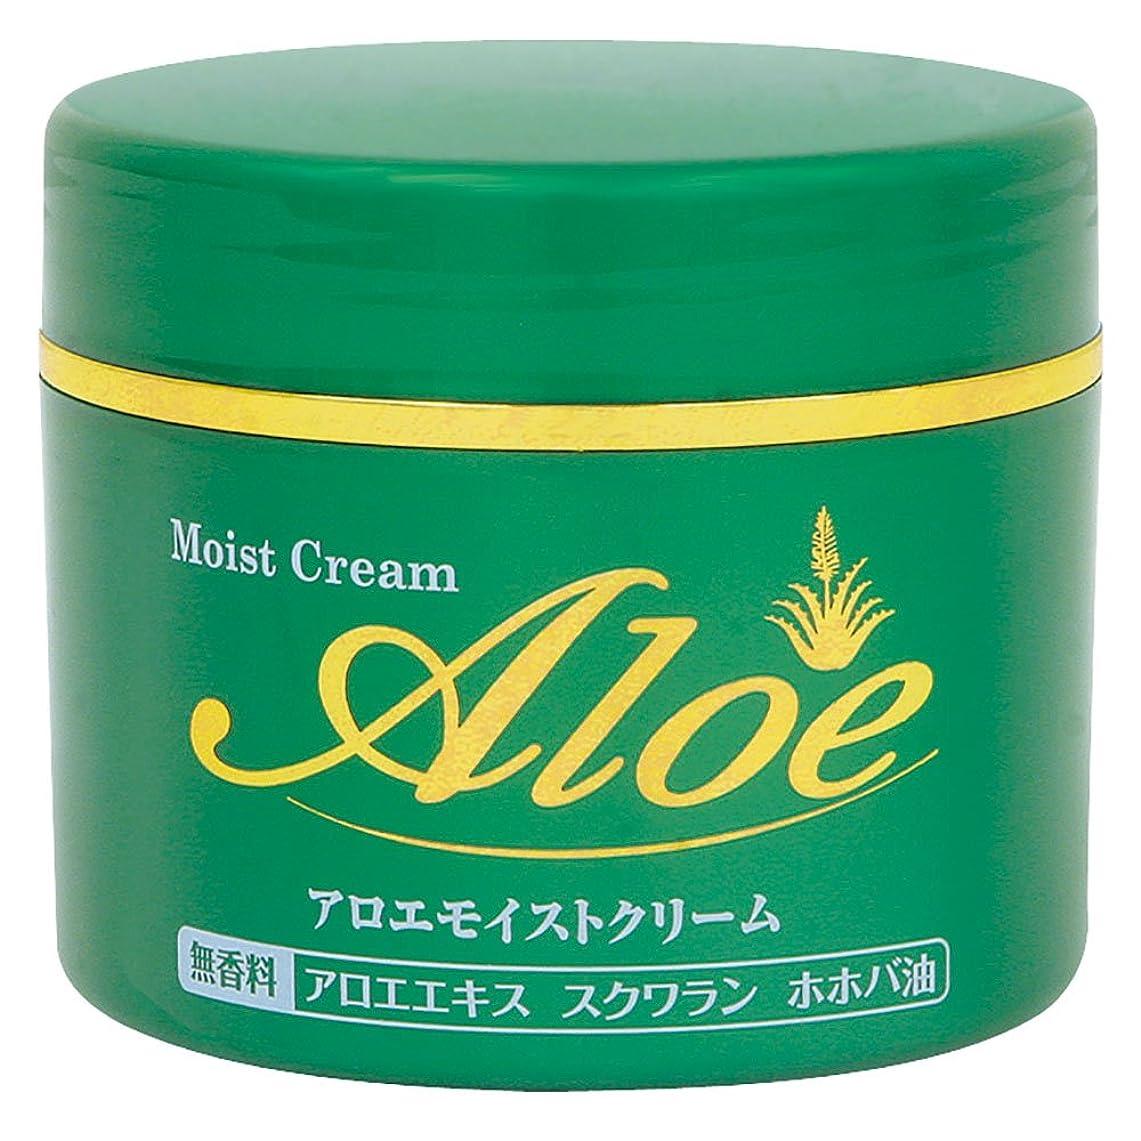 受け皿所有権組井藤漢方製薬 アロエモイストクリーム 160g (アロエクリーム 化粧品)